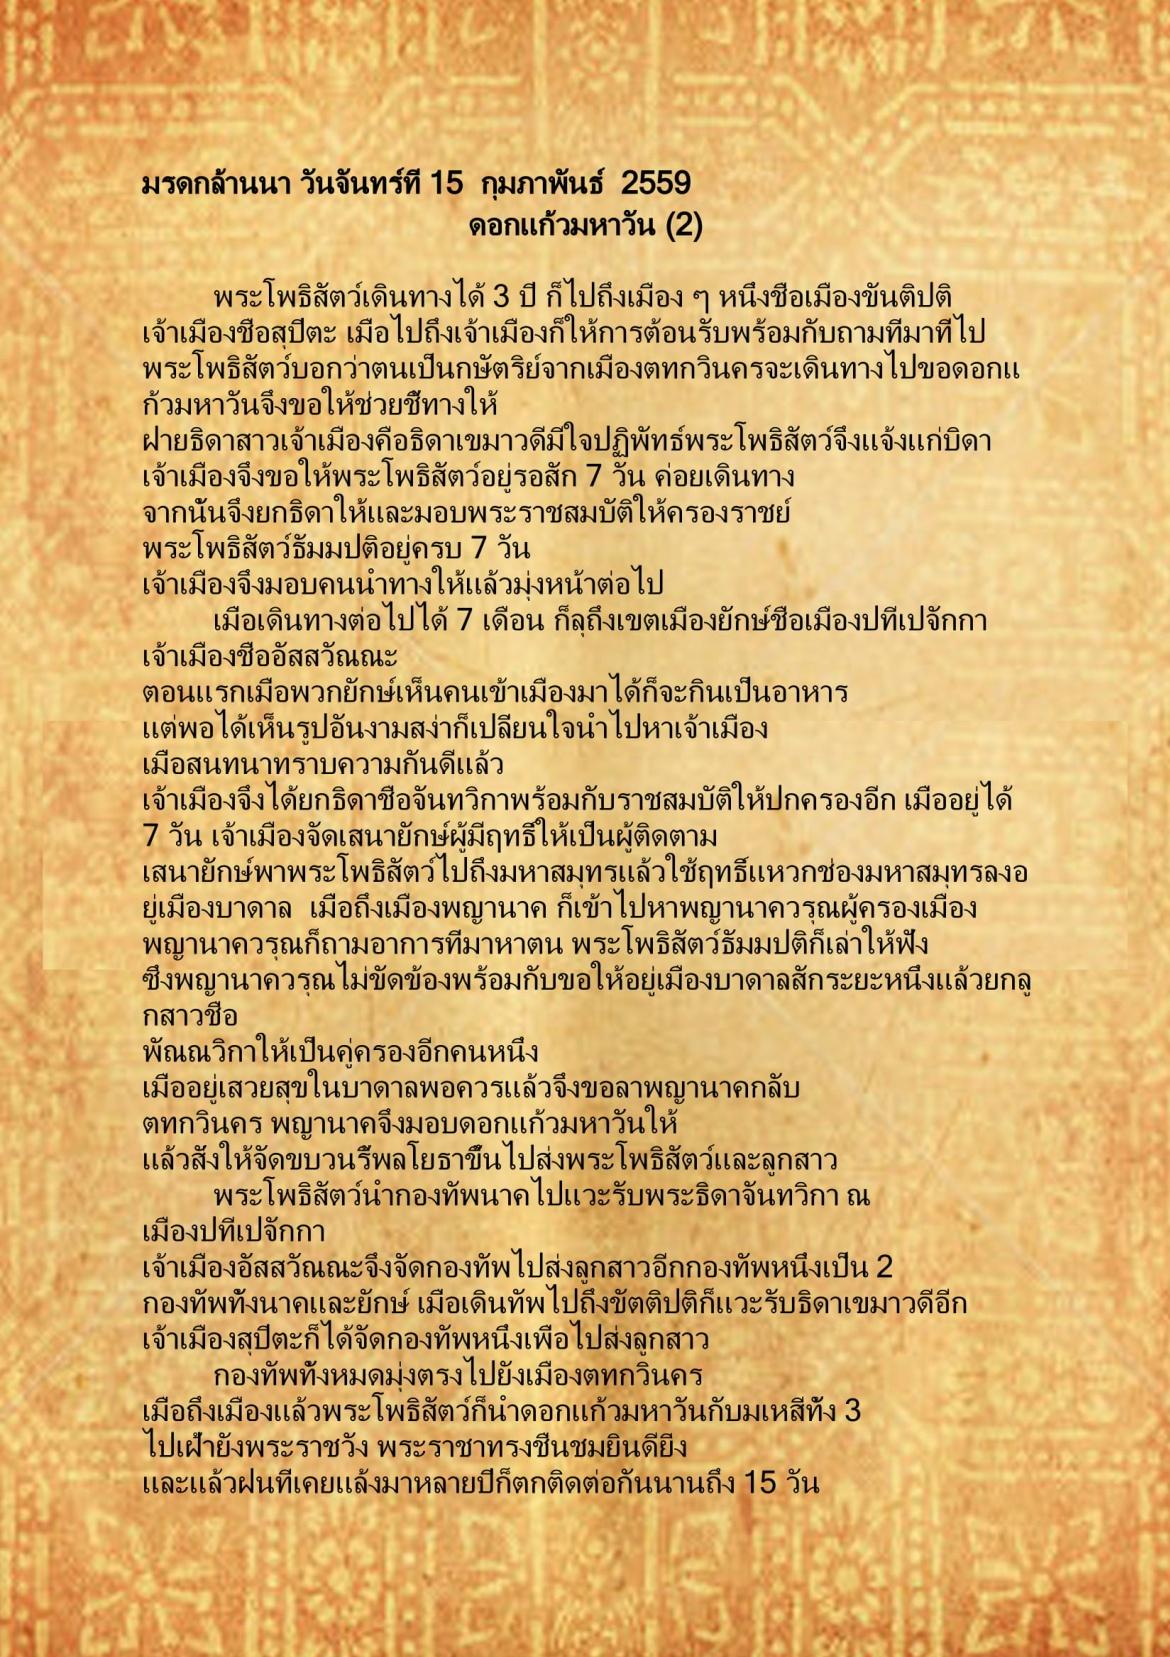 ดอกแก้วมหาวัน (2) - 15  กุมภาพันธ์  2559